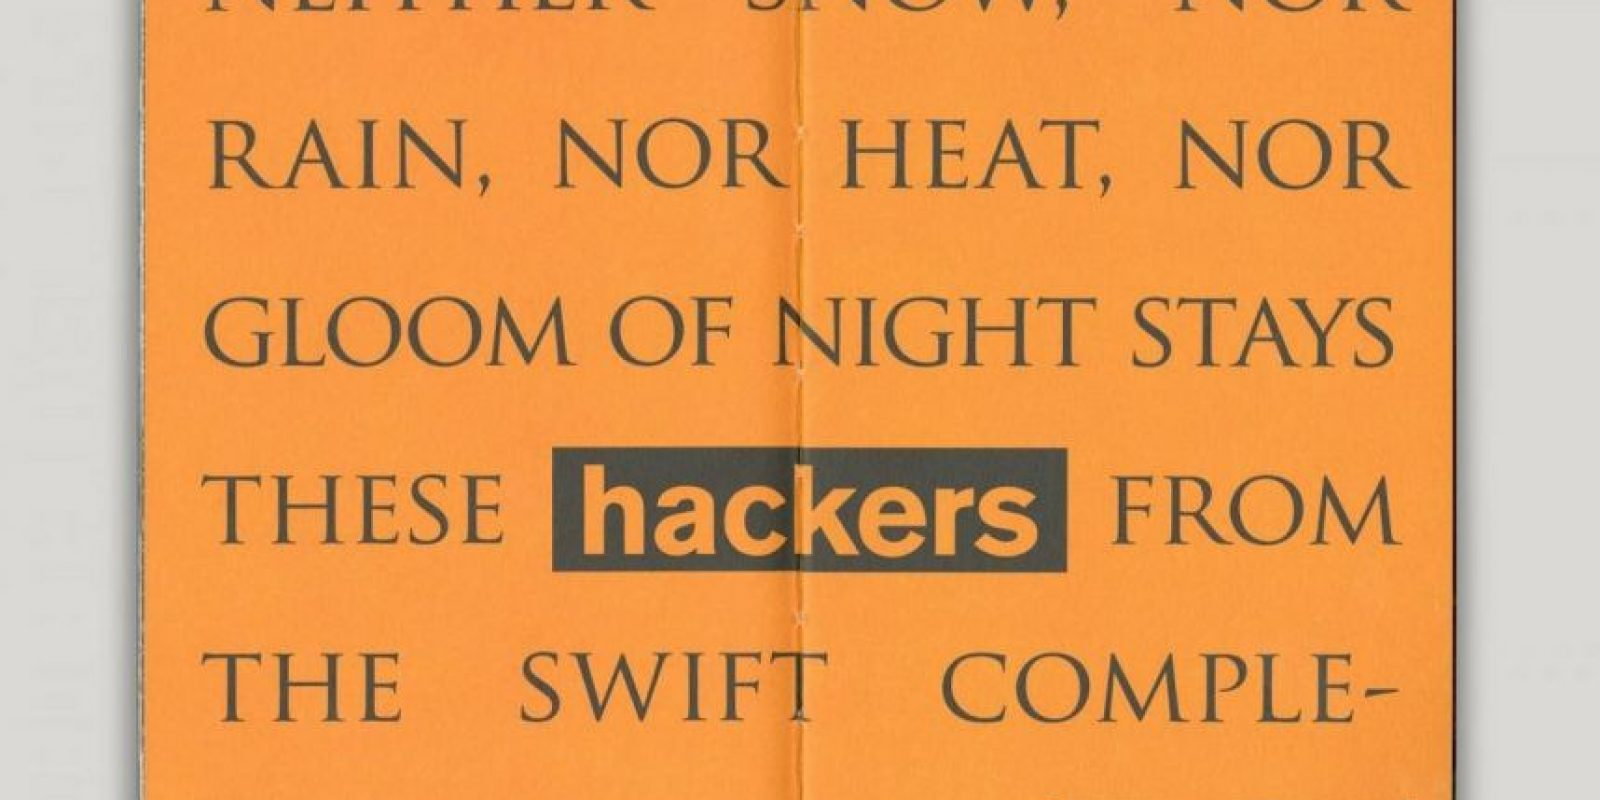 Ni la nieve, ni la lluvia, ni el calor, ninguna oscuridad de la noche detiene a estos hackers de su rápida finalización de su código. Foto:officeofbenbarry.com